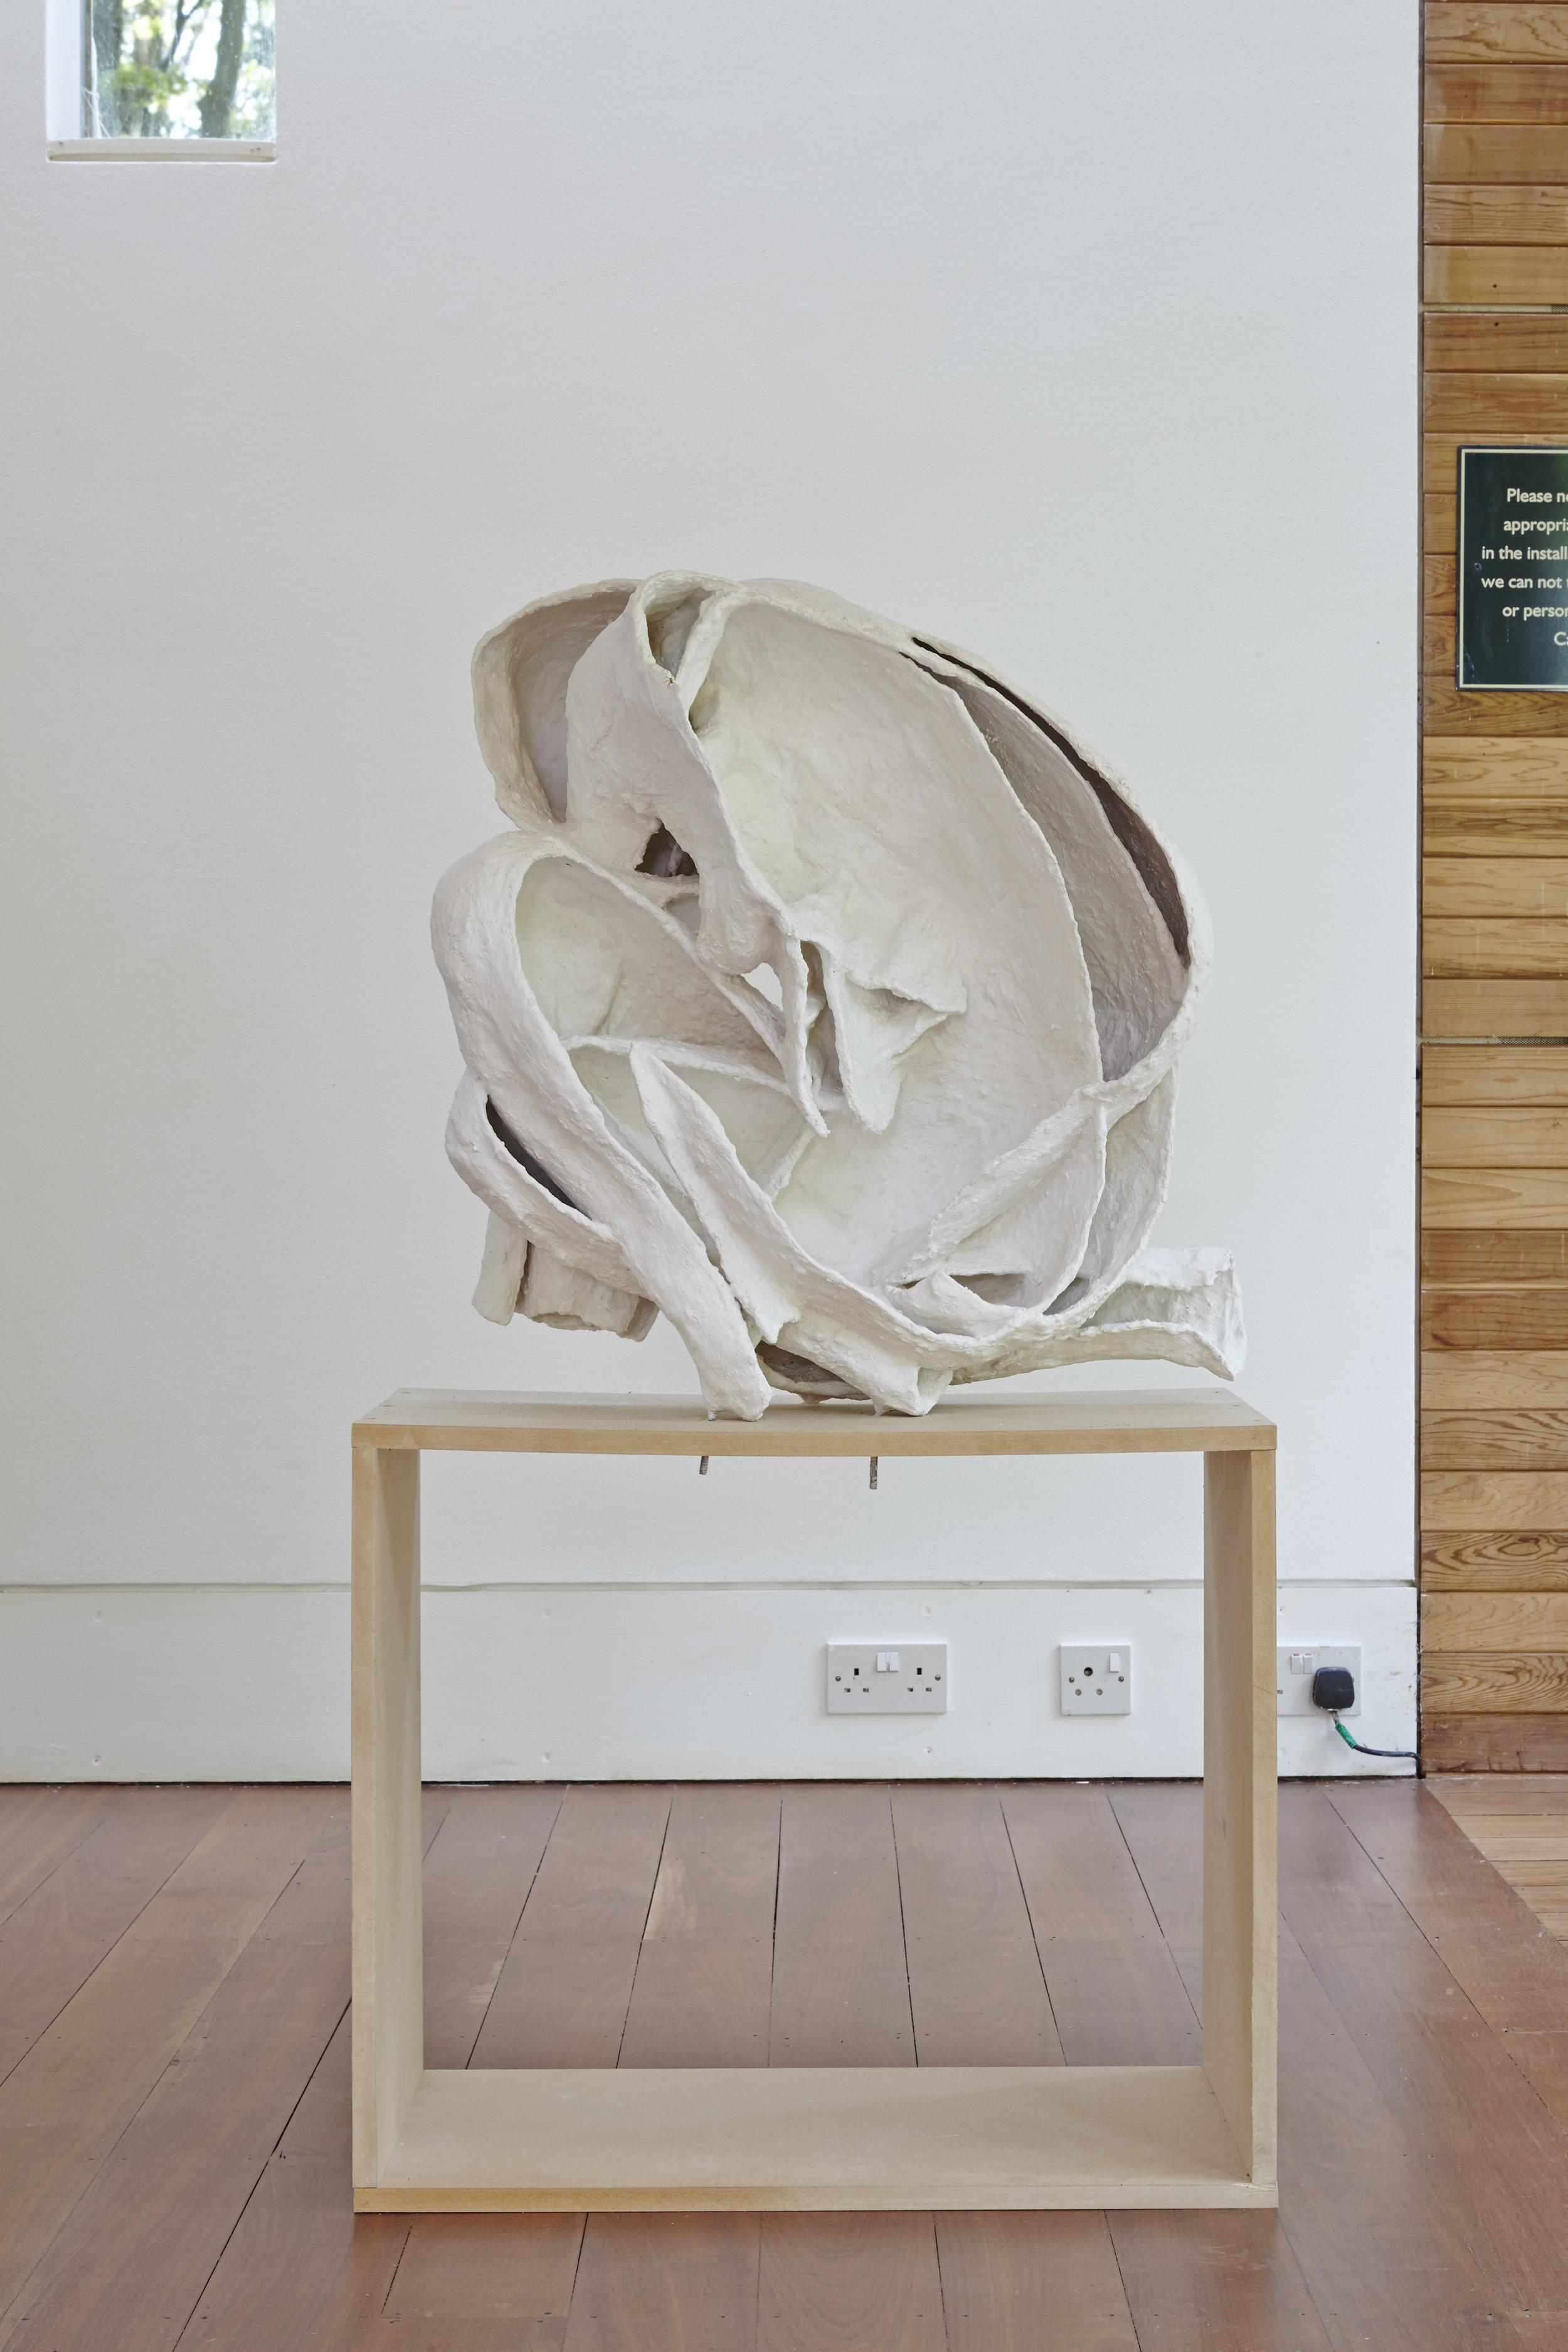 2014-10-21 Cass Sculpture Foundation IMG_6263.jpg